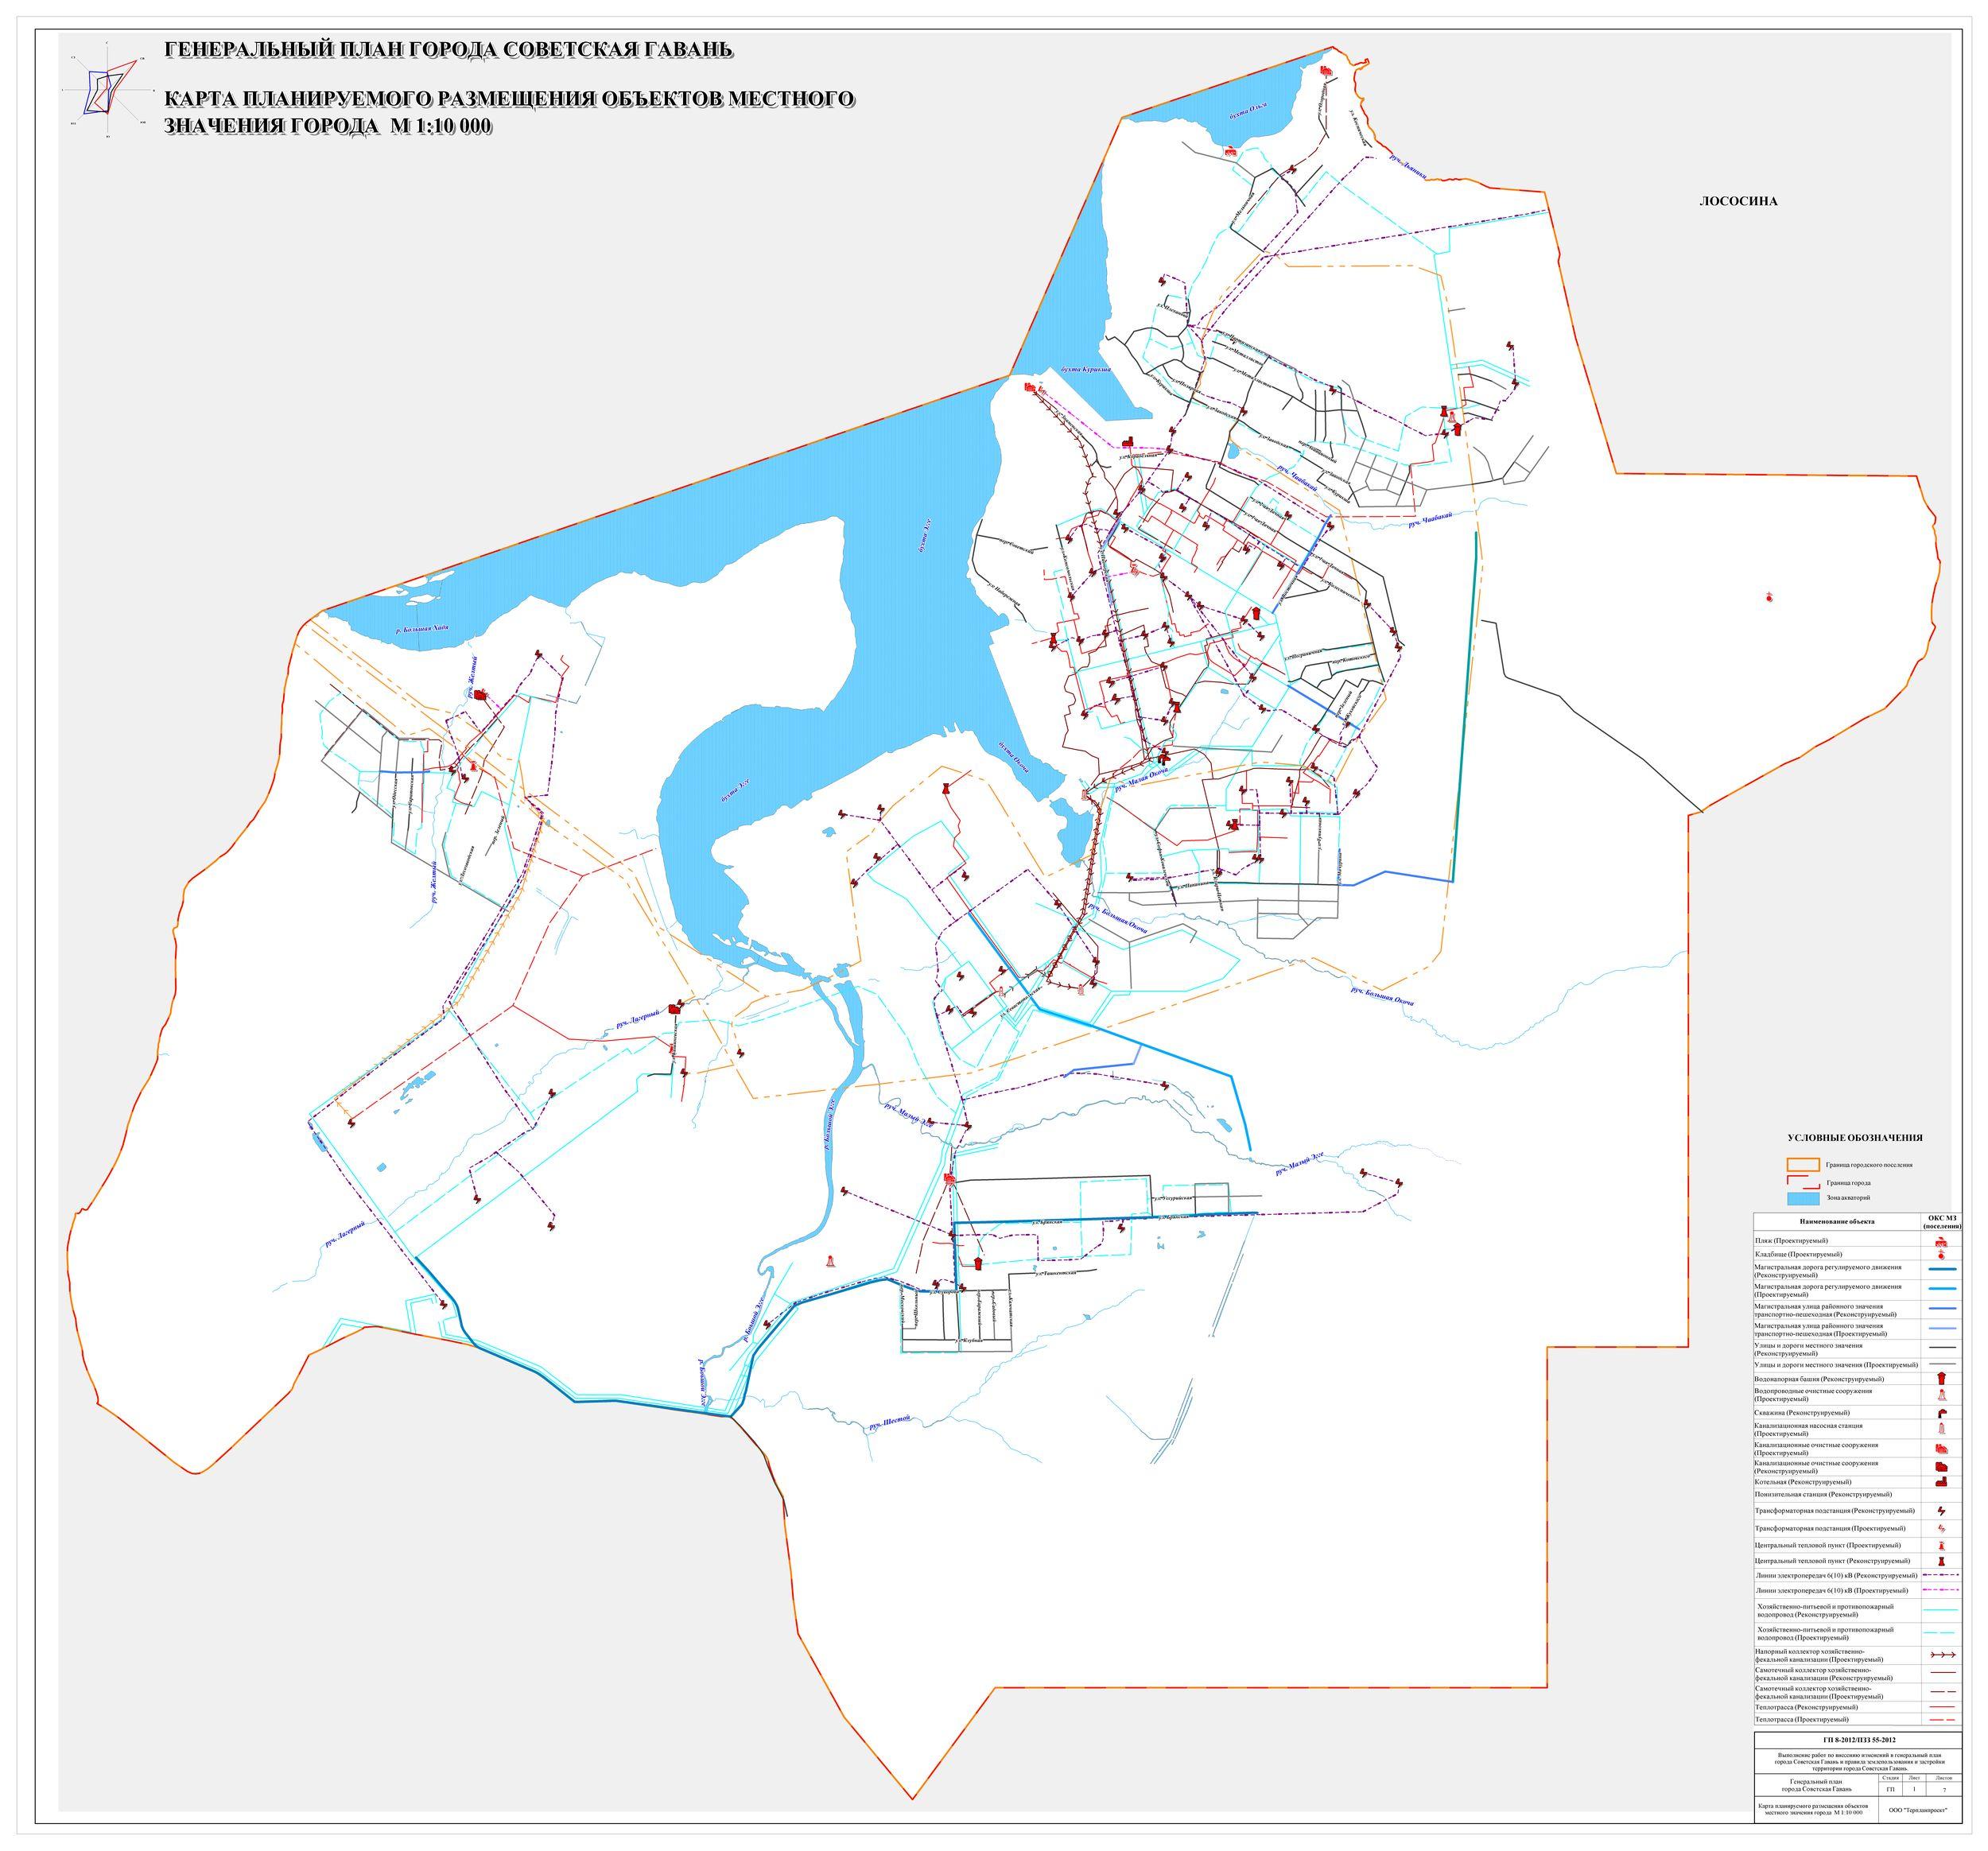 Градостроительный план, Советская Гавань: http://www.admsovgav.ru/градостроительный-план